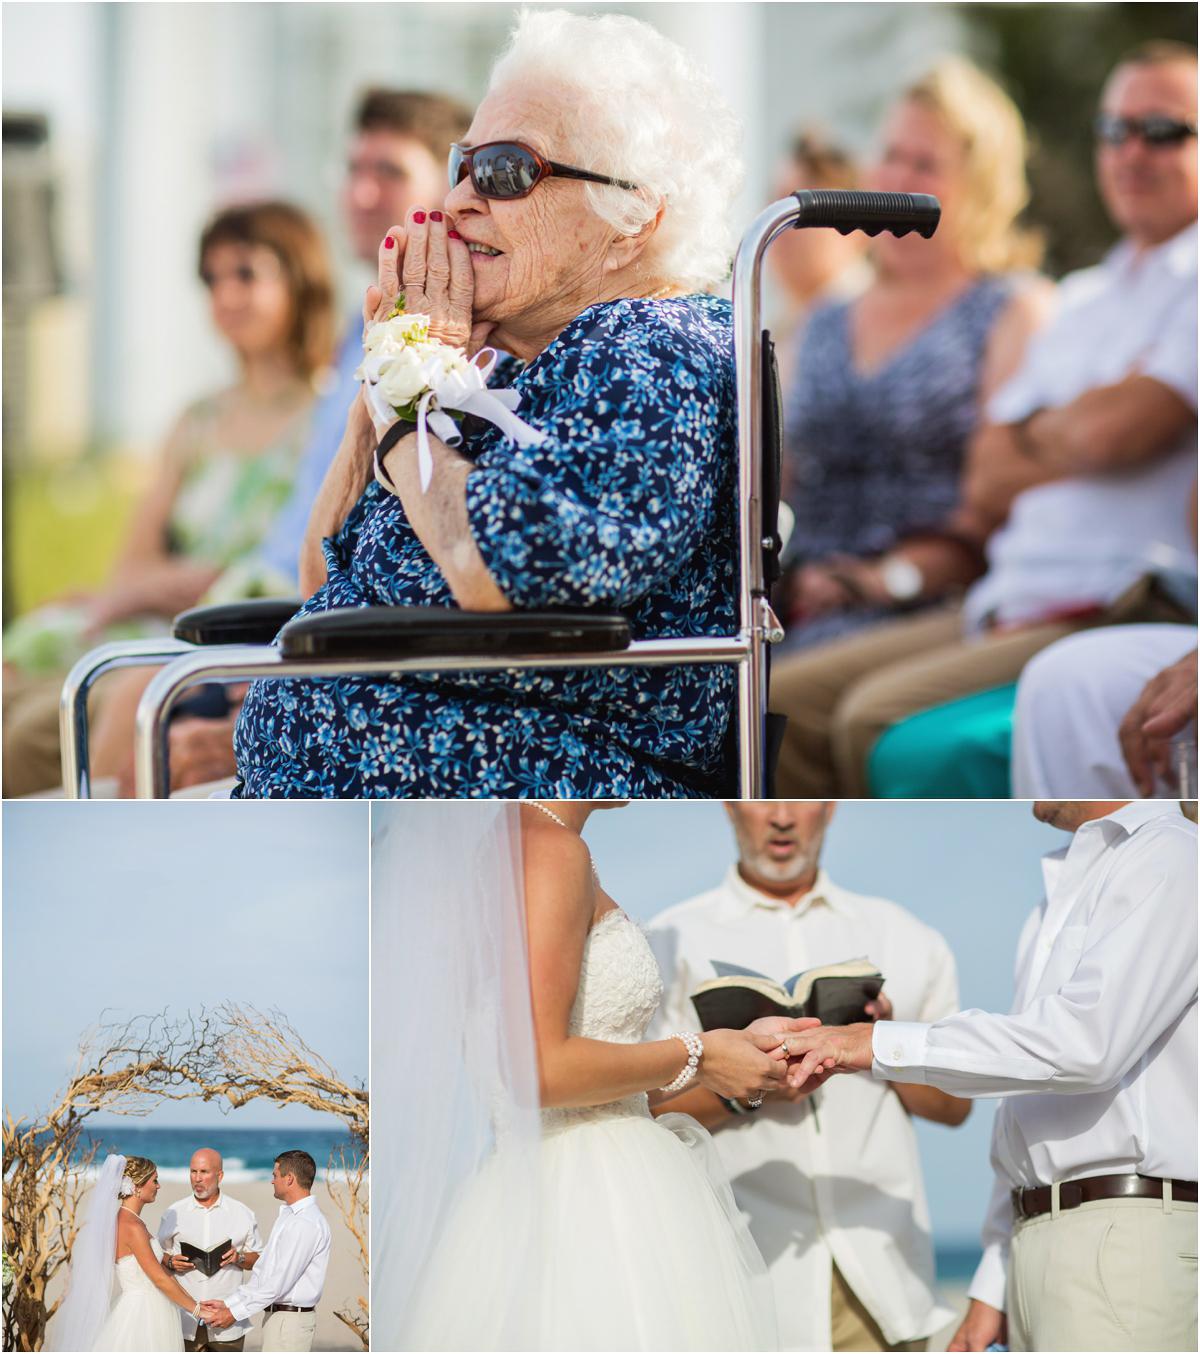 Singer_Island_wedding_hilton_14